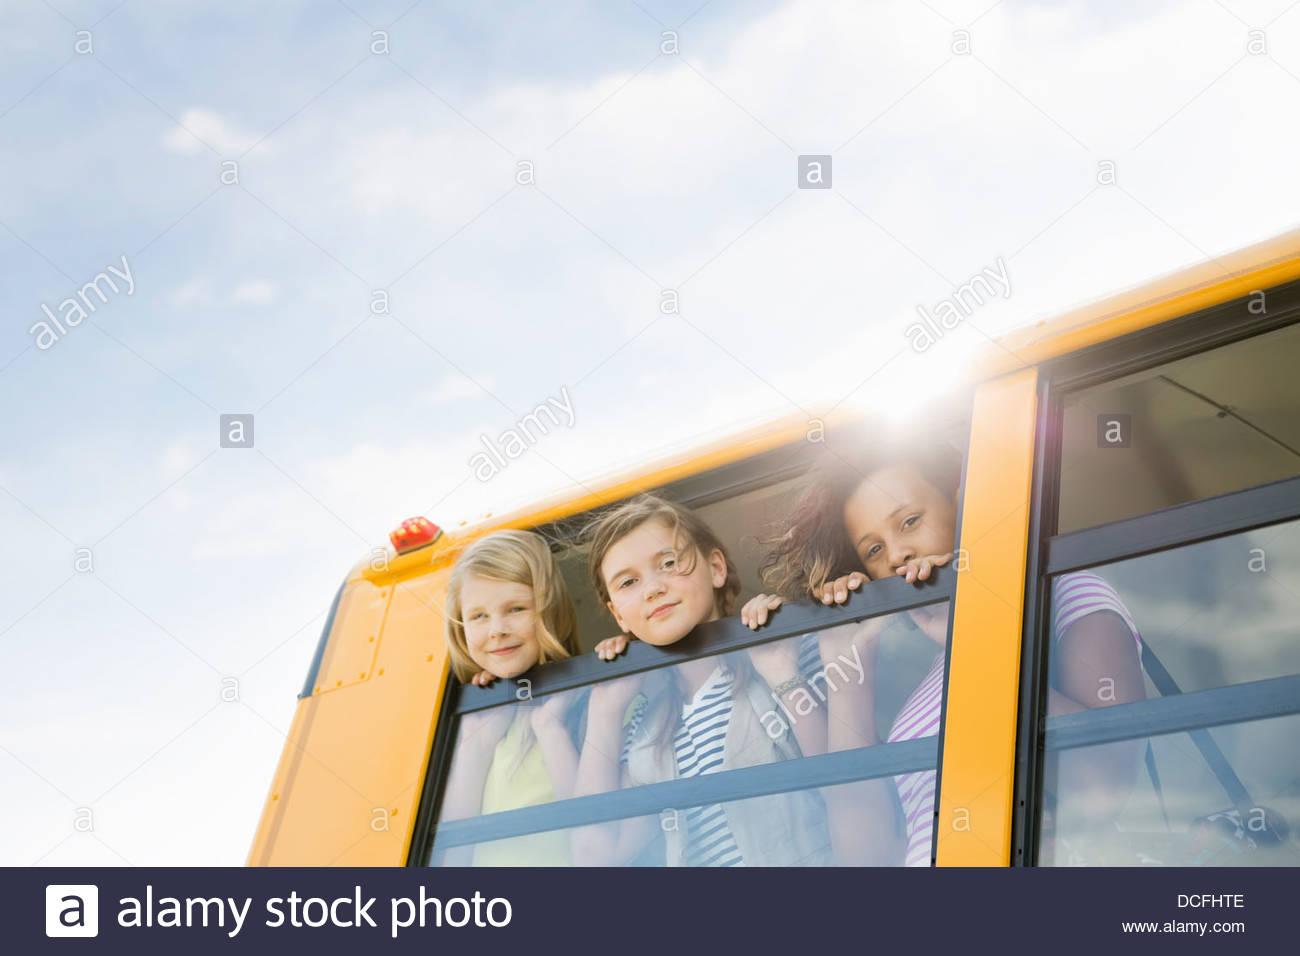 Portrait of schoolgirls looking out of school bus windows - Stock Image